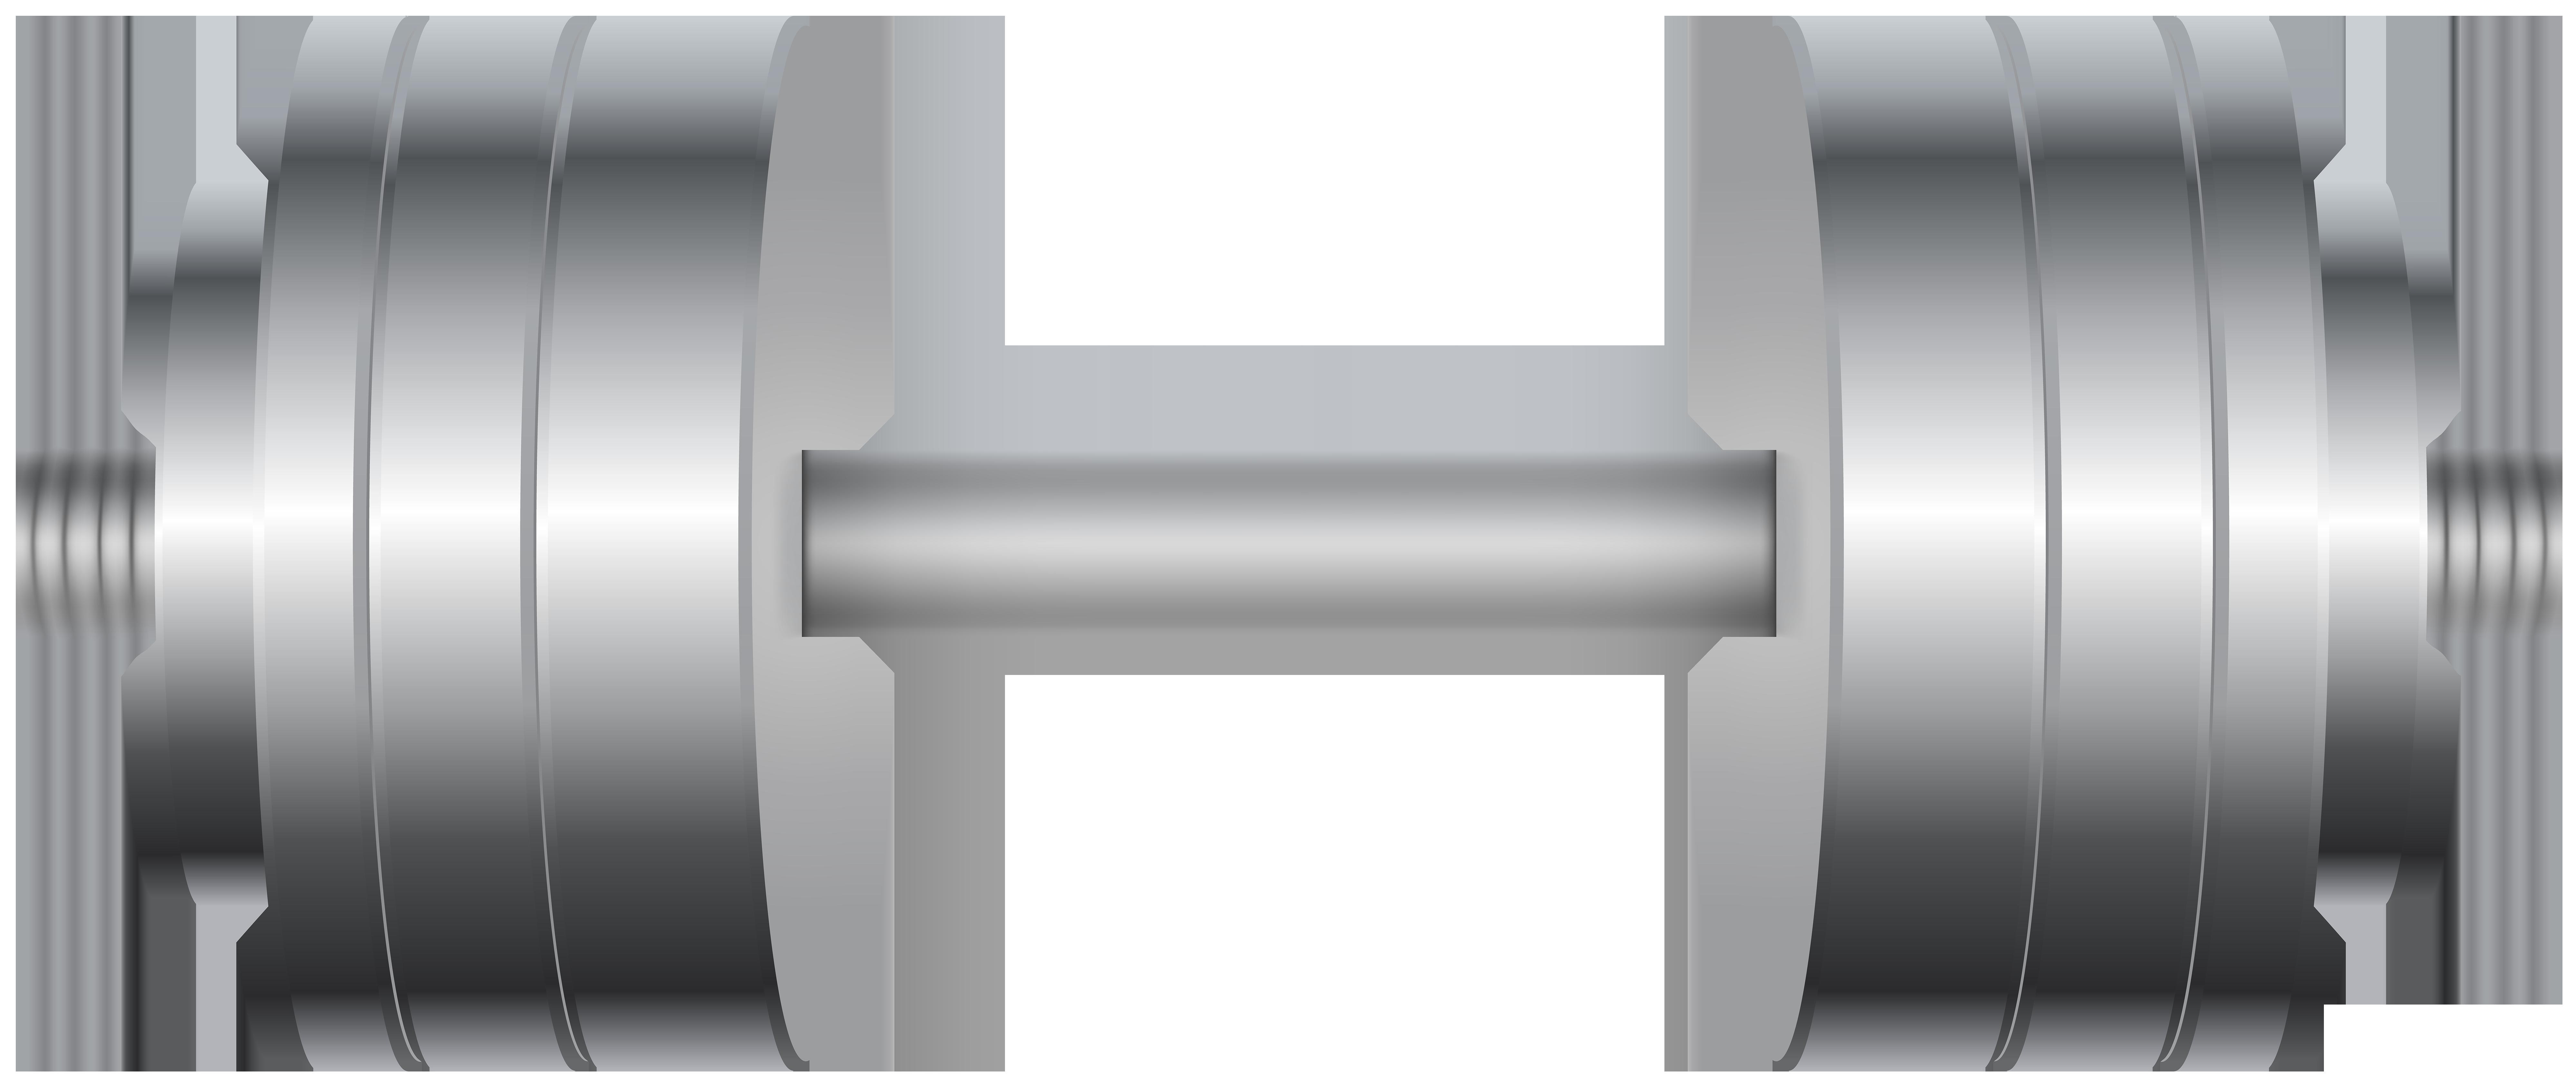 Gym Dumbbell PNG Clip Art Image.